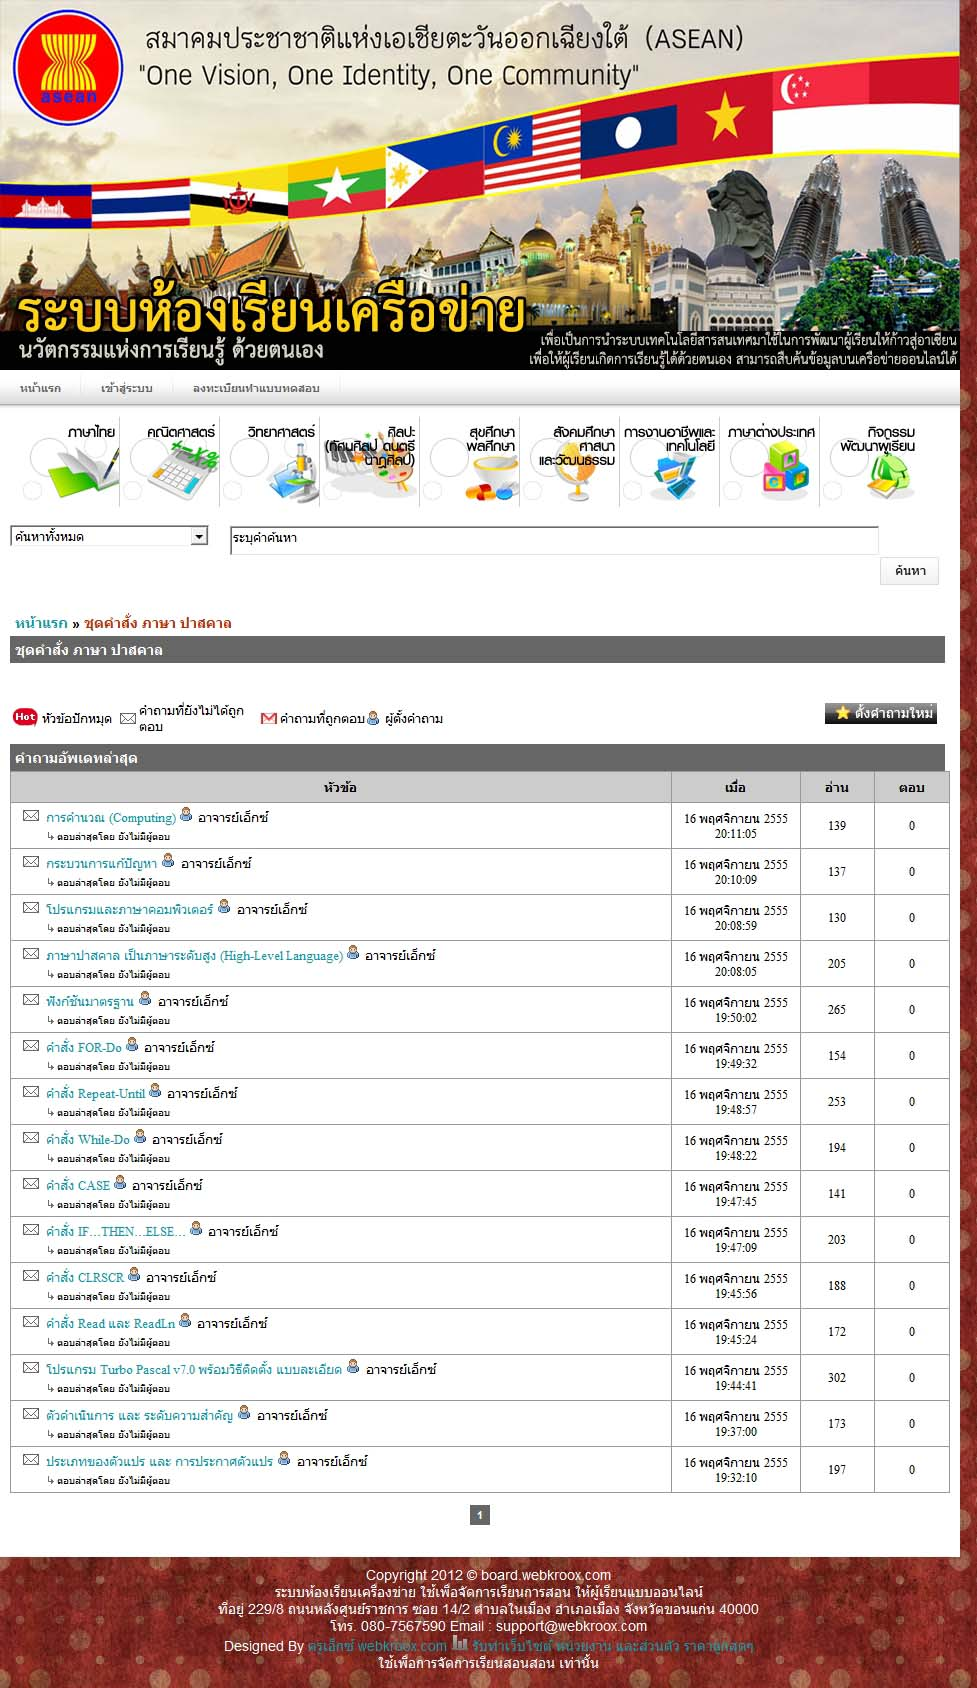 ภาพที่ 1 สคริปเว็บ ห้องเรียนออนไลน์ V2